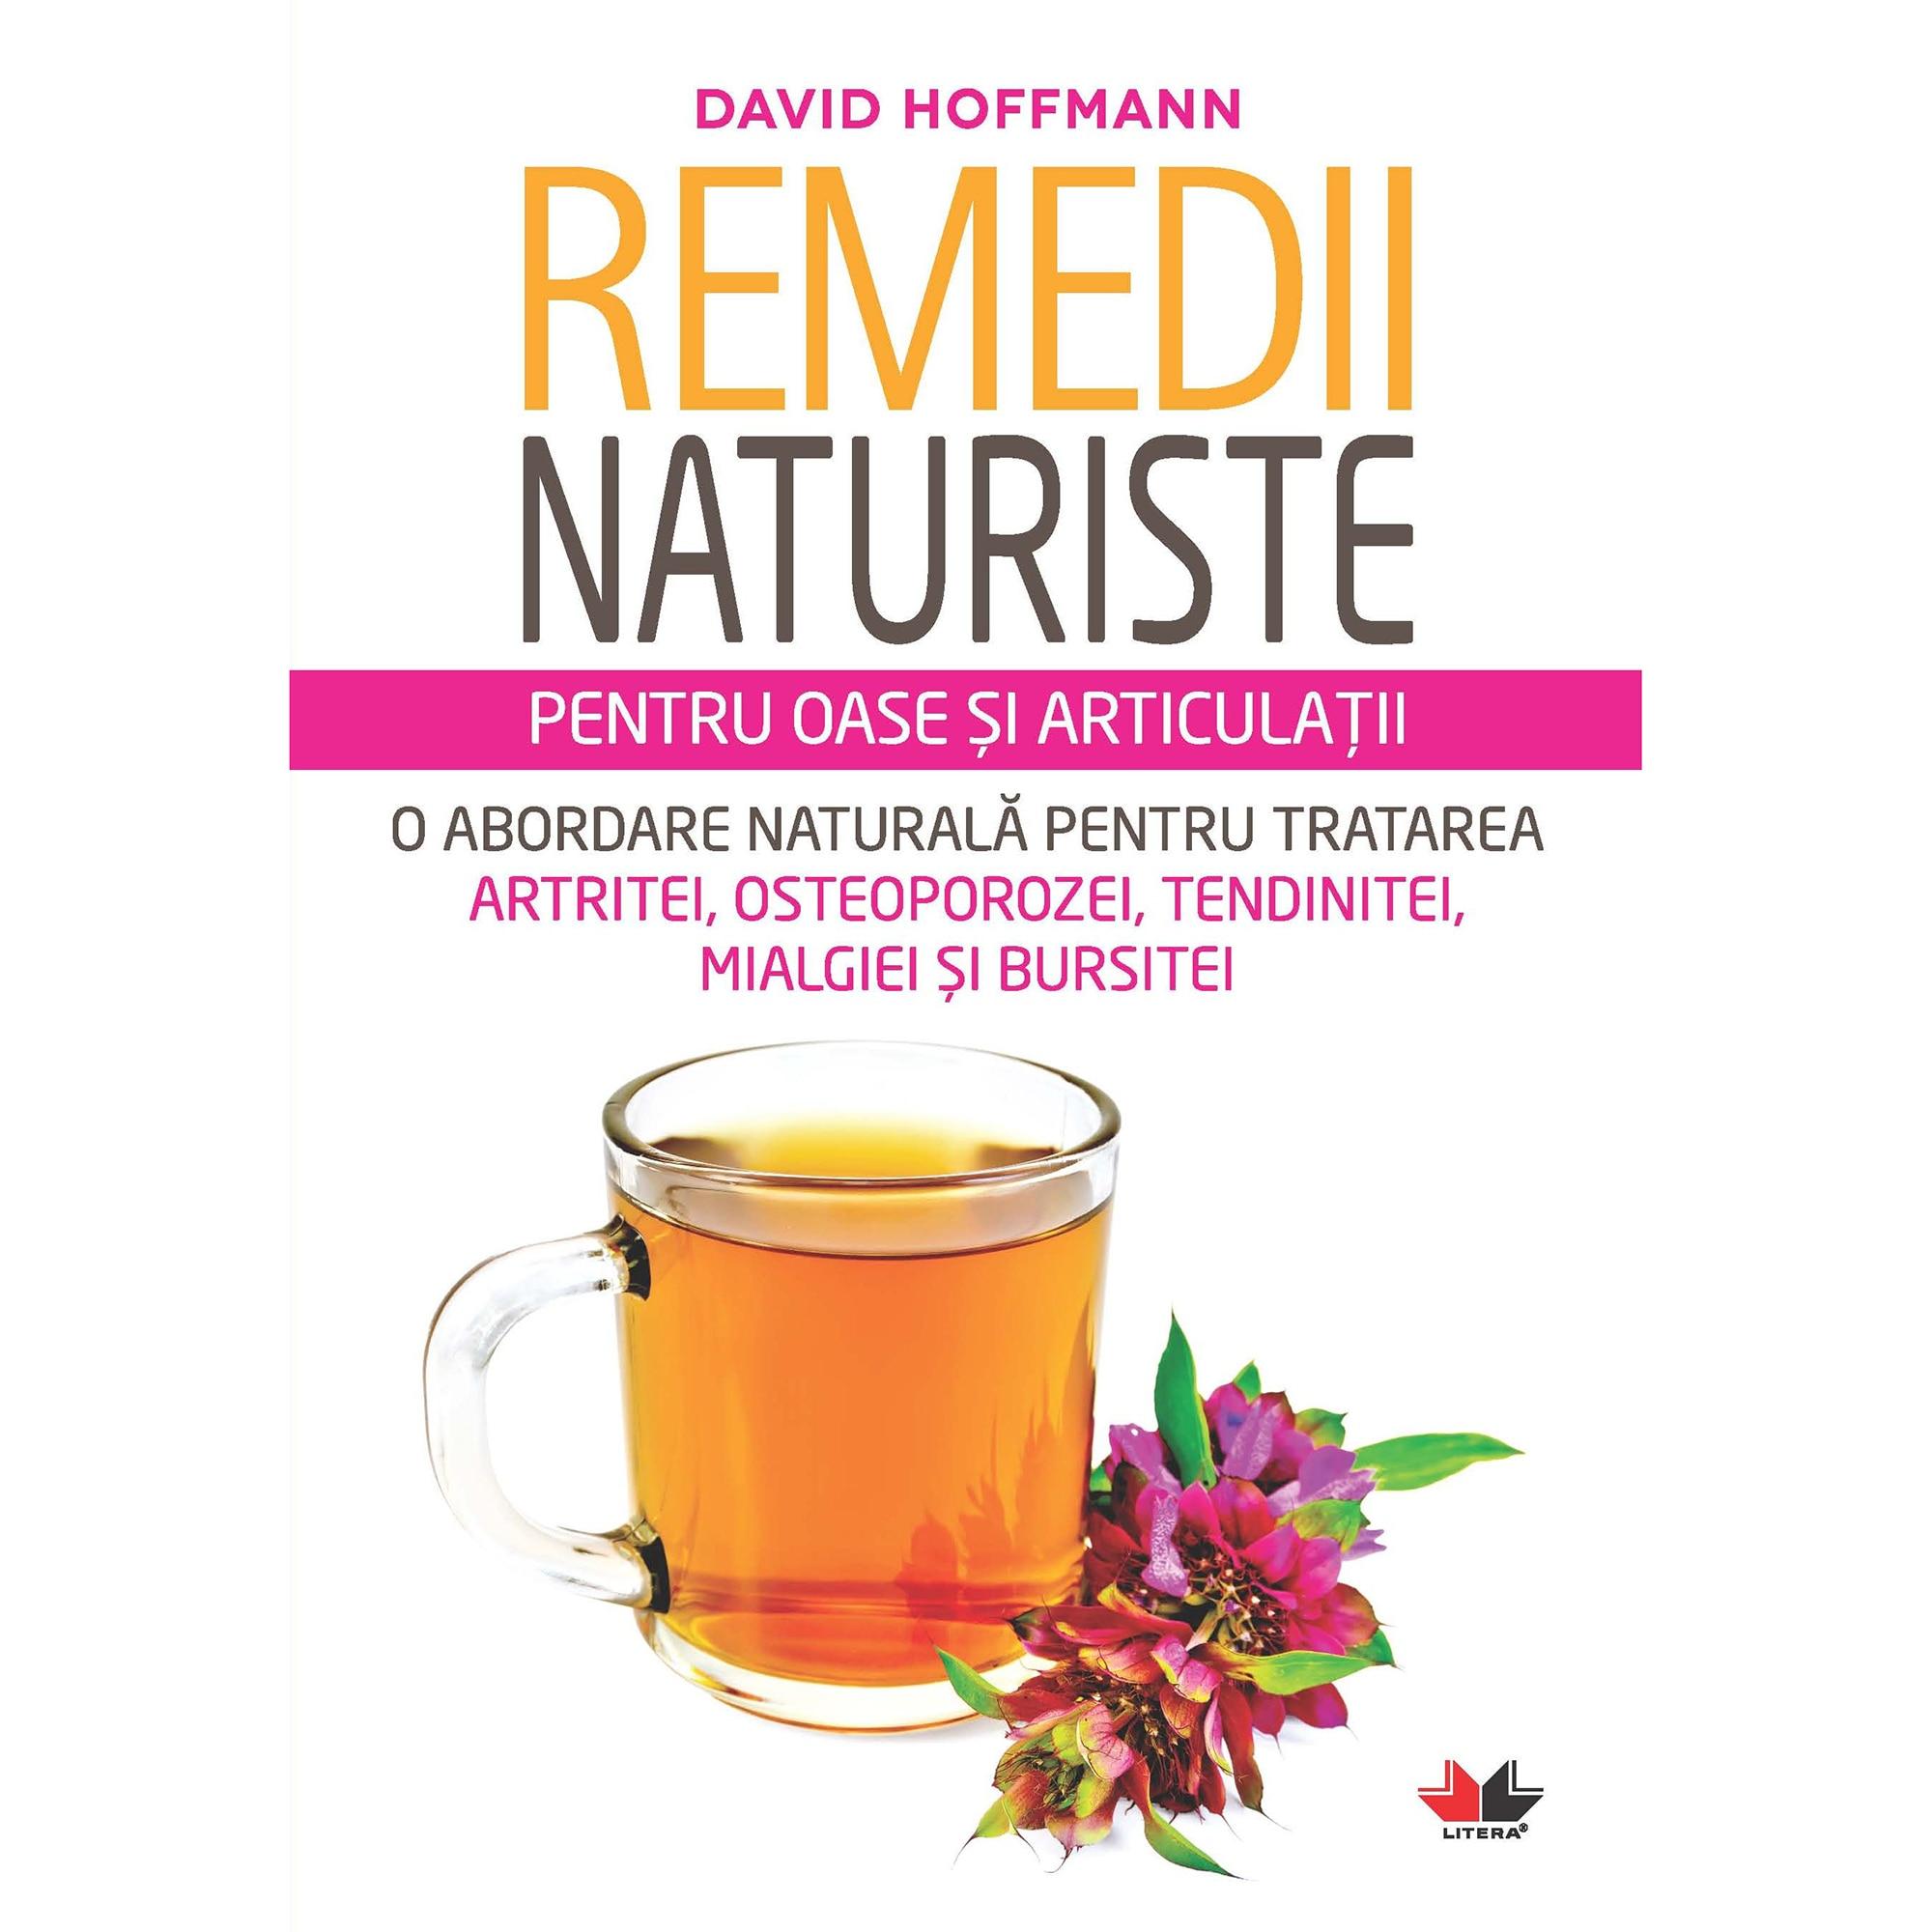 Pastile homeopate pentru dureri articulare. Tratamente alternative pentru durerile de oase